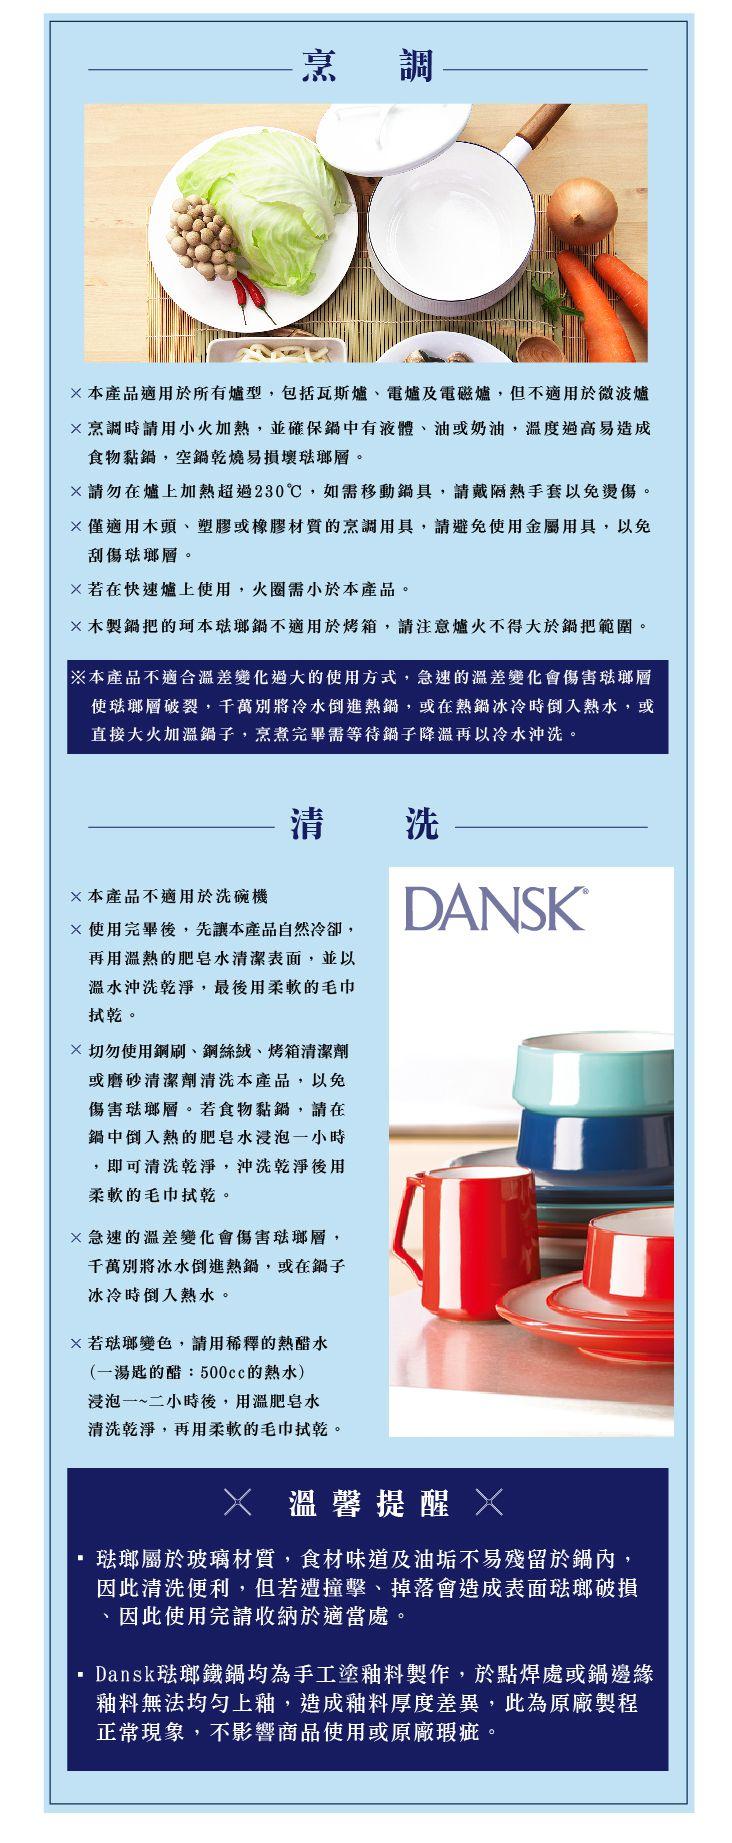 DANSK 珂本琺瑯鍋